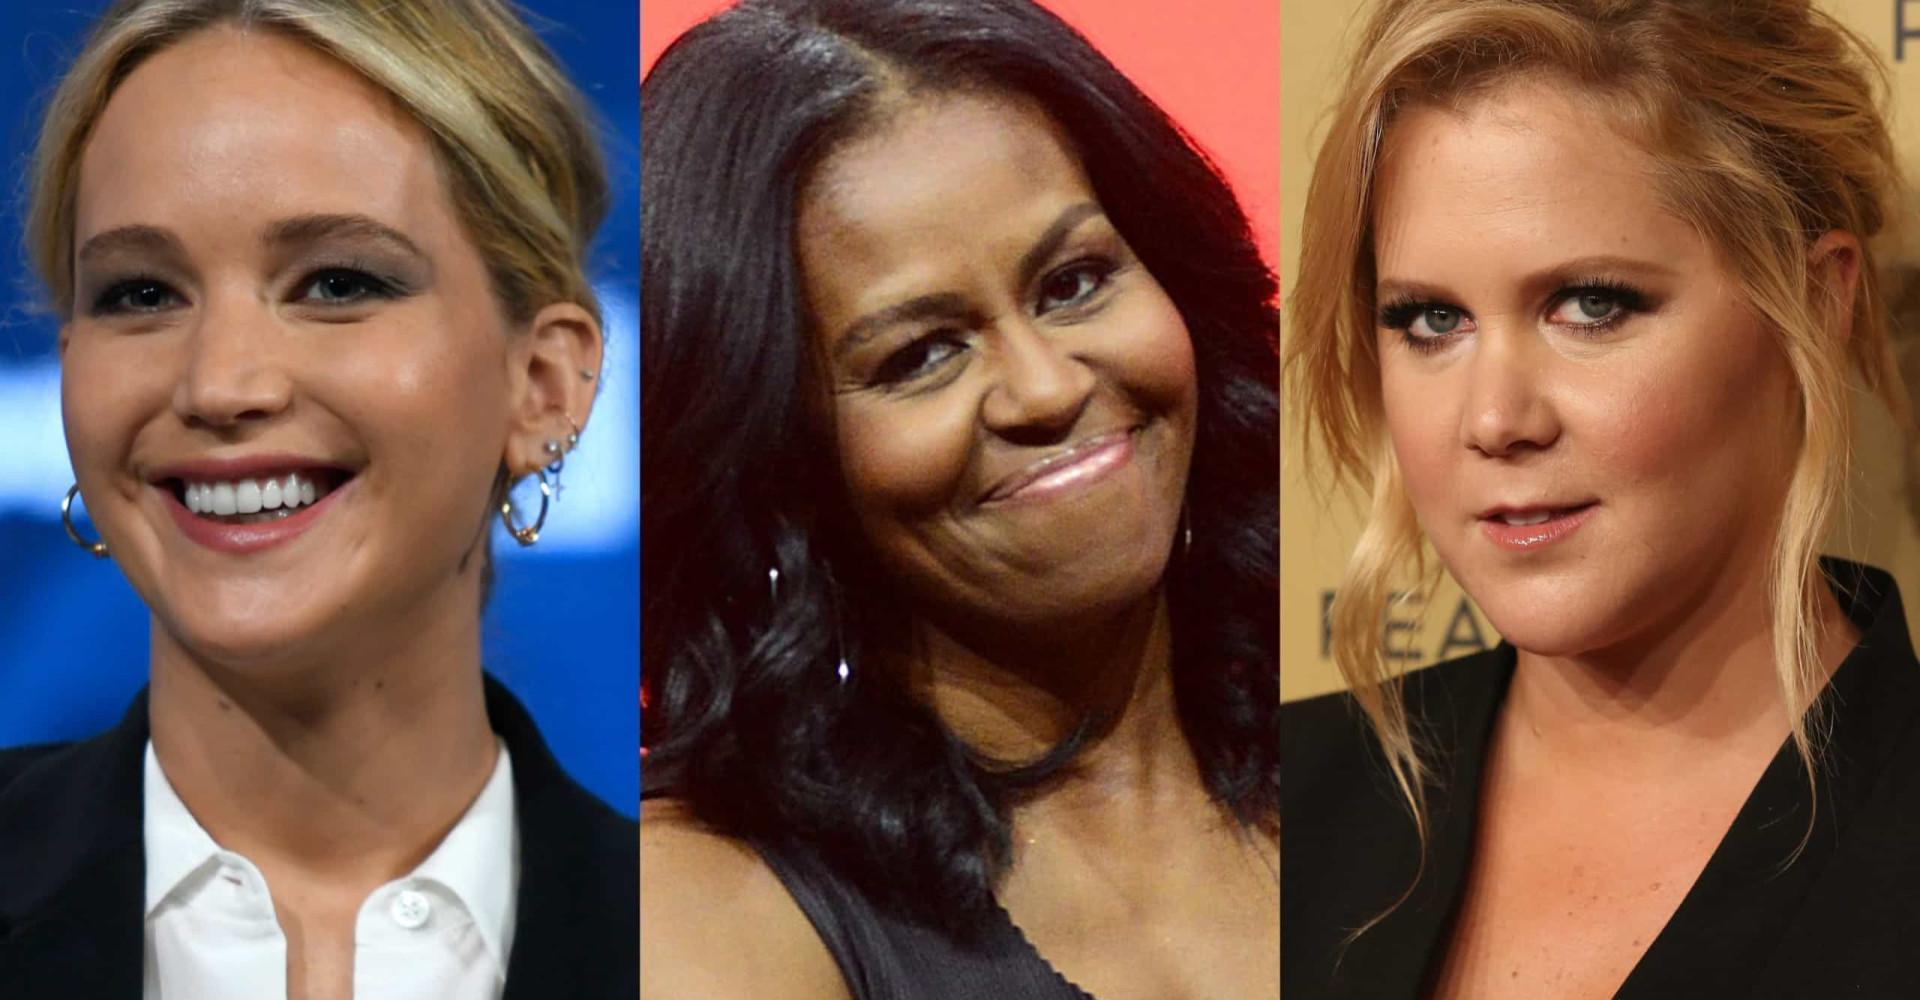 Les conseils de femmes célèbres pour obtenir une augmentation